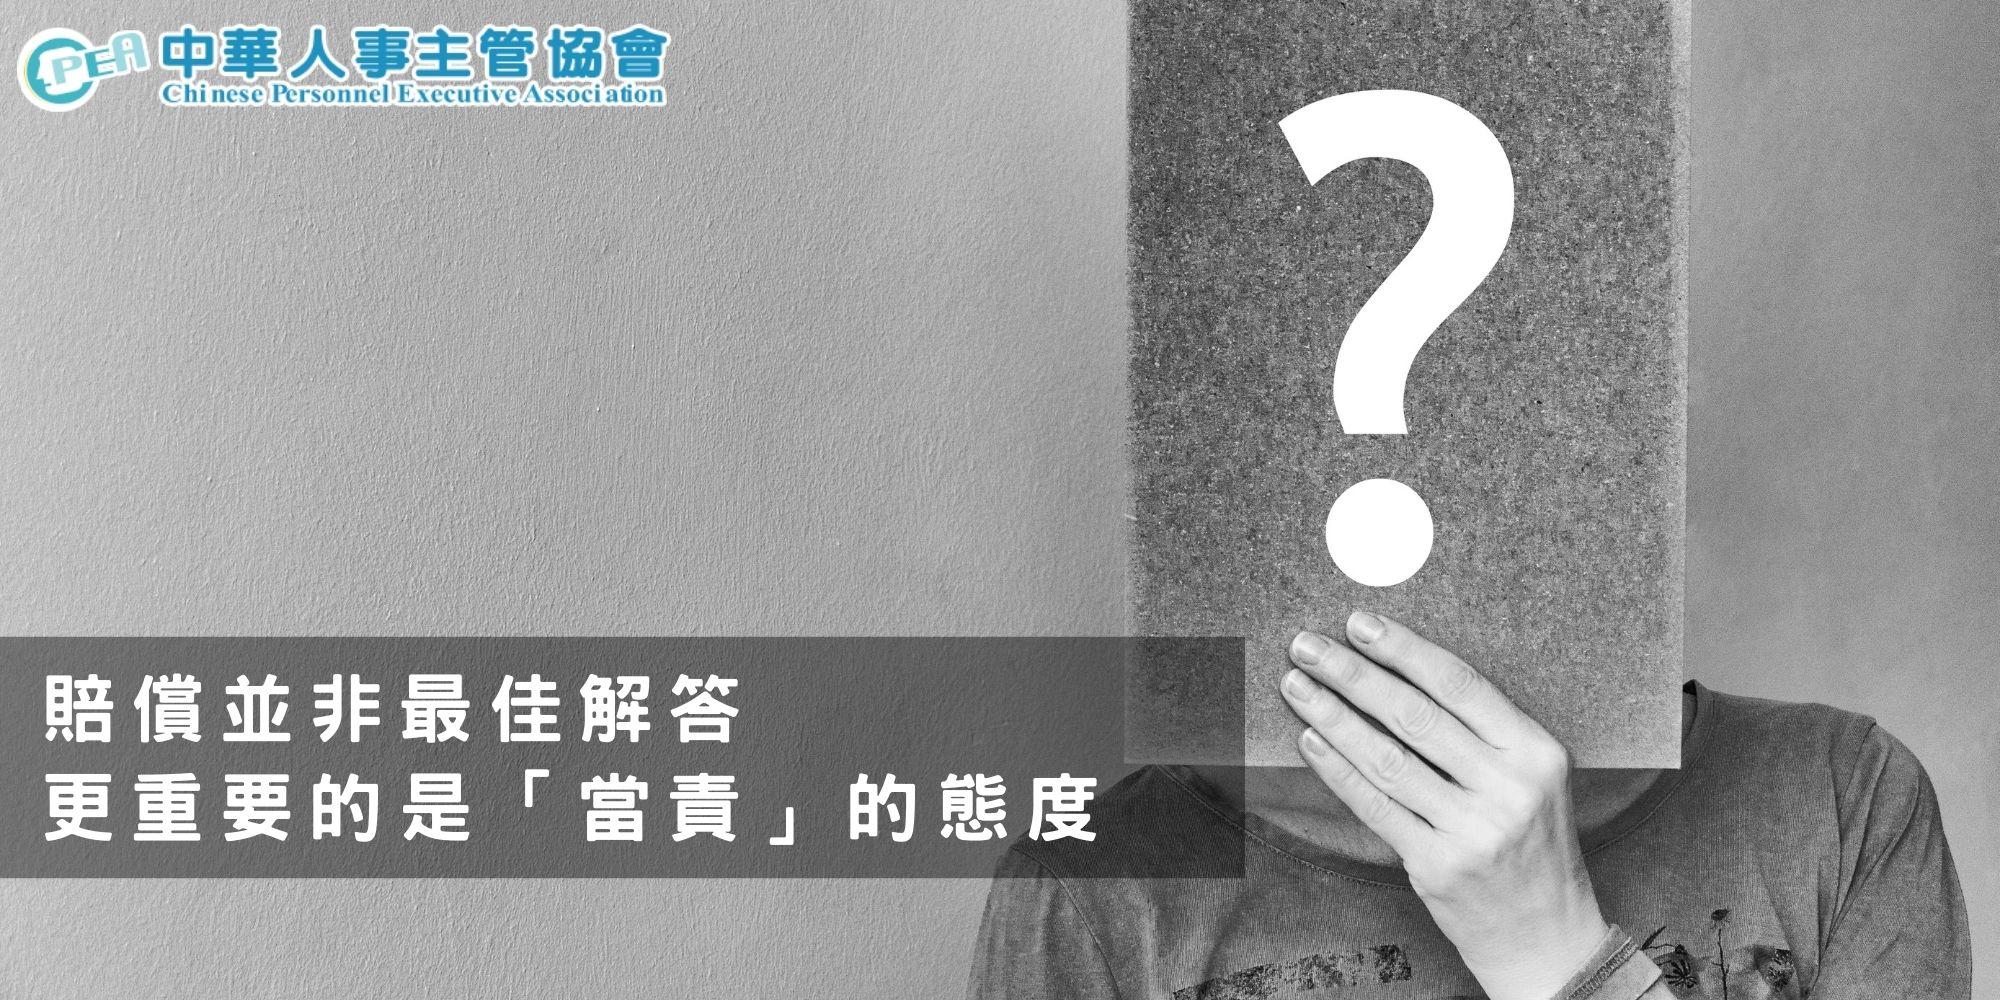 賠償並非最佳解答  更重要的是「當責」的態度│中華人事主管協會-Accountability